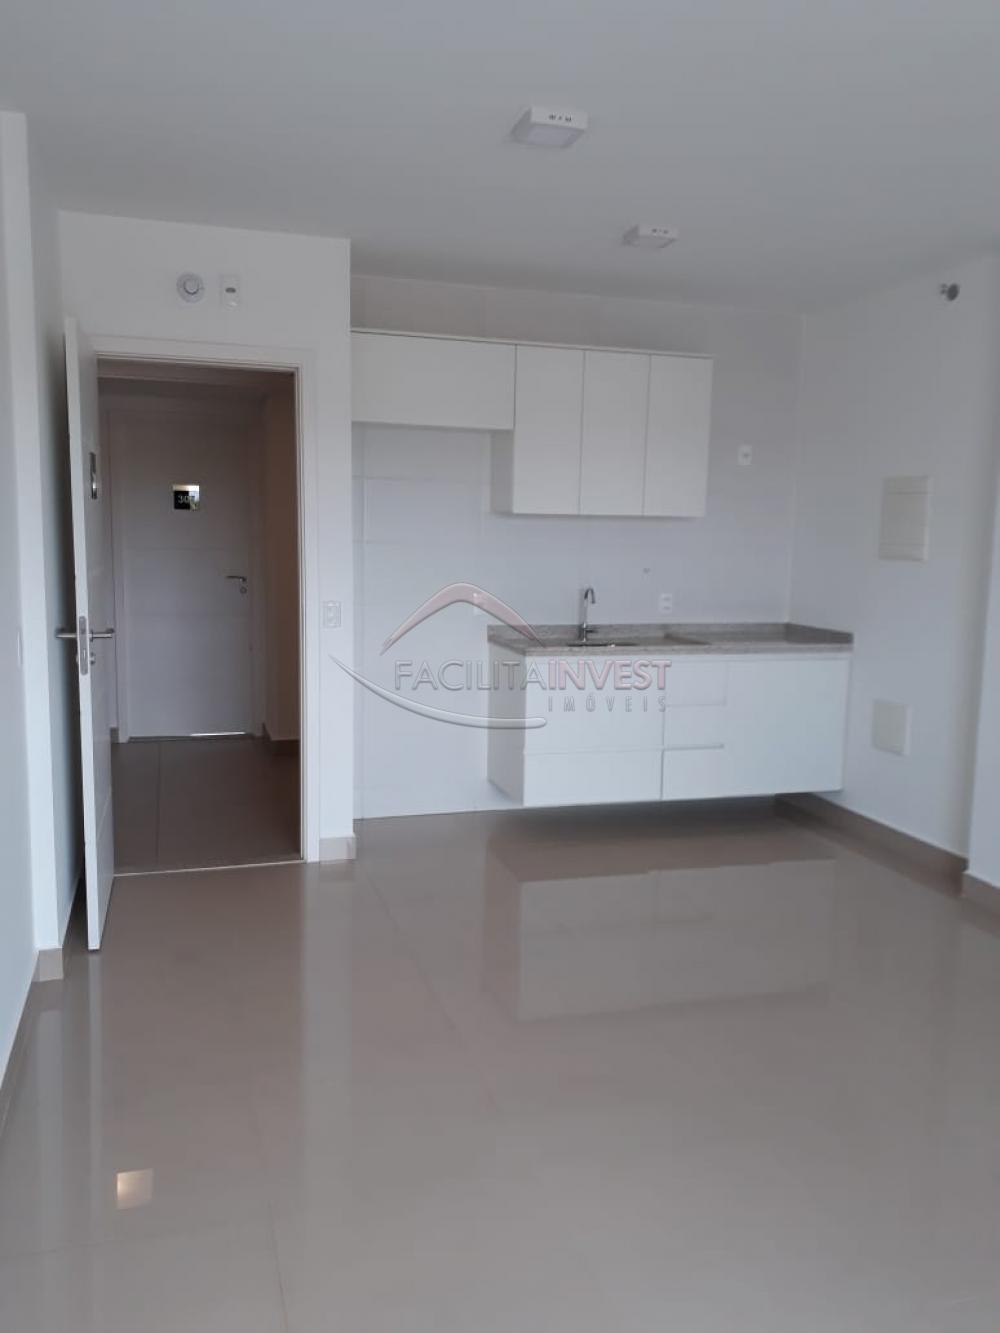 Alugar Apartamentos / Apart. Padrão em Ribeirão Preto apenas R$ 1.250,00 - Foto 8